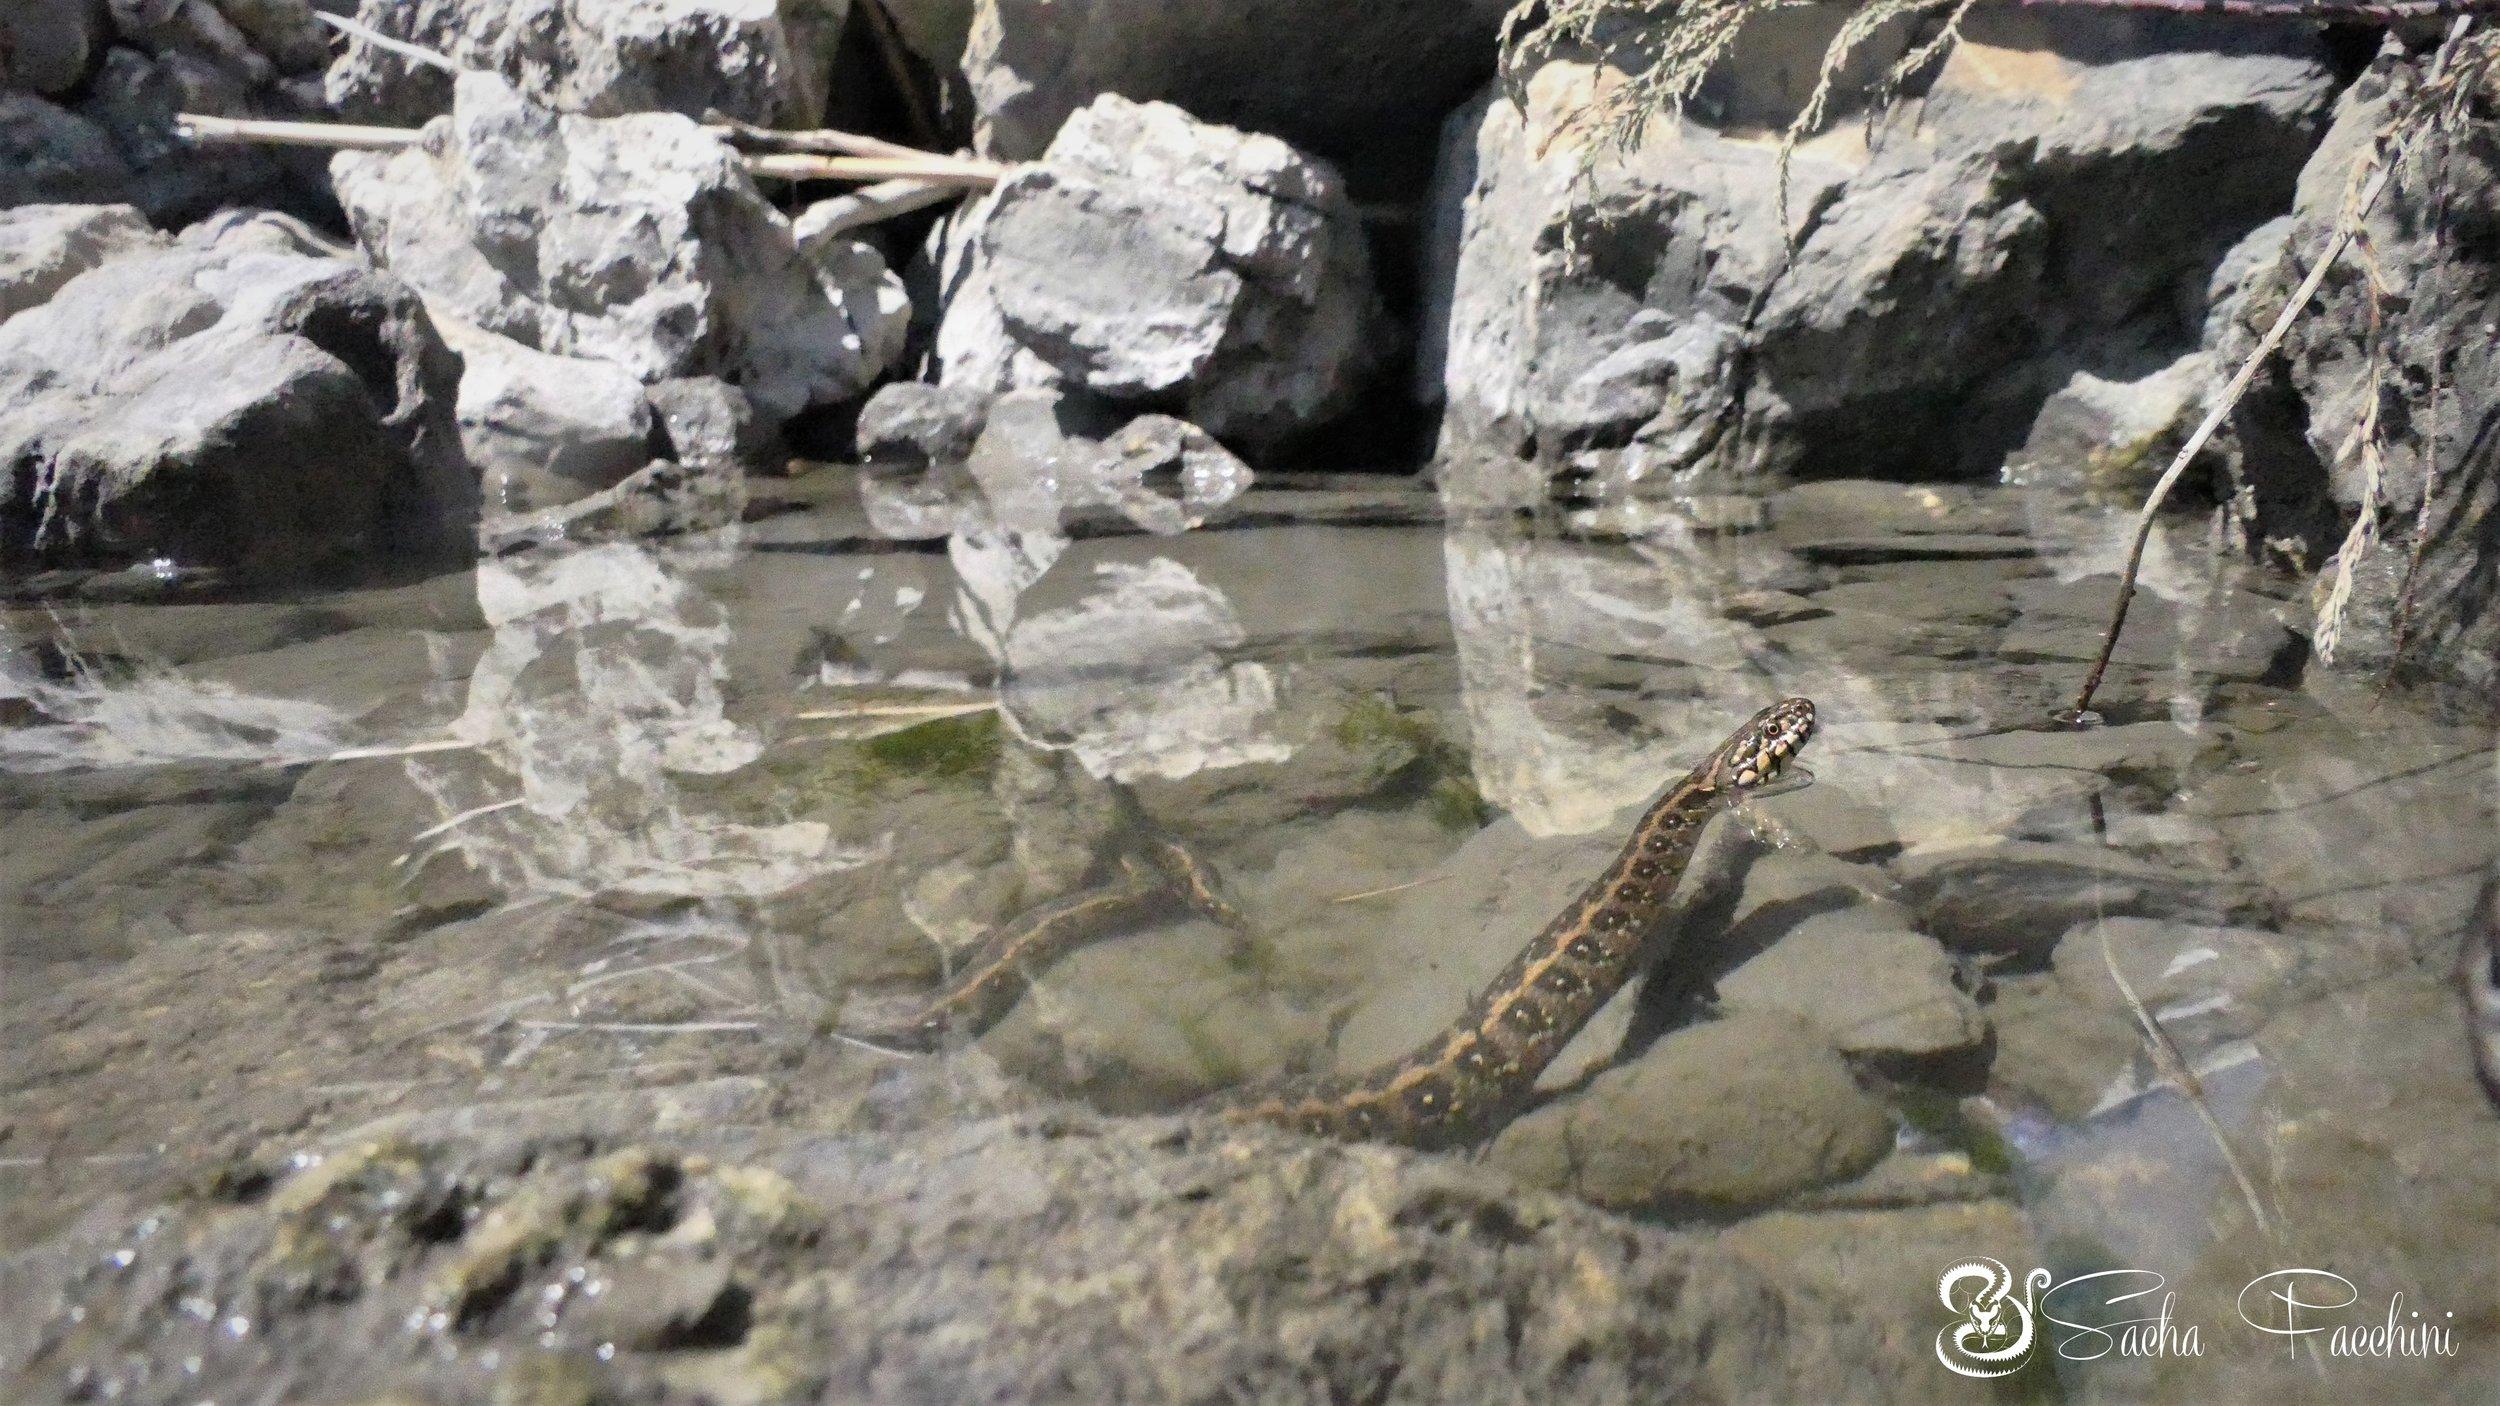 Couleuvre vipérine adulte dans son habitat, Bouches-du-Rhône (13) ©Sacha Facchini